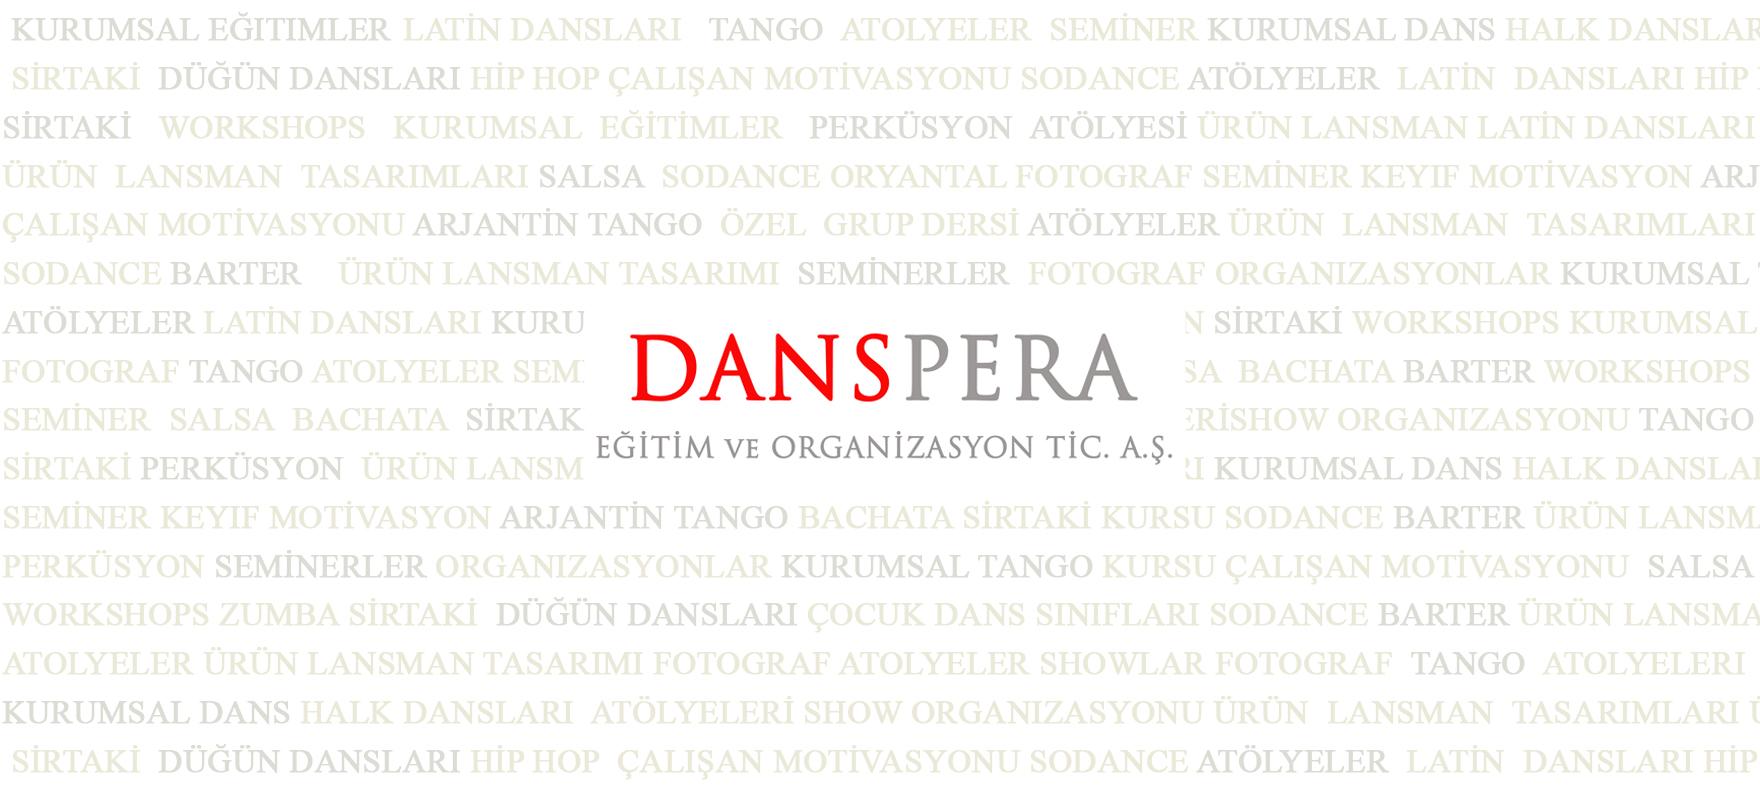 DANSPERA SERTİFİKA 1.jpg